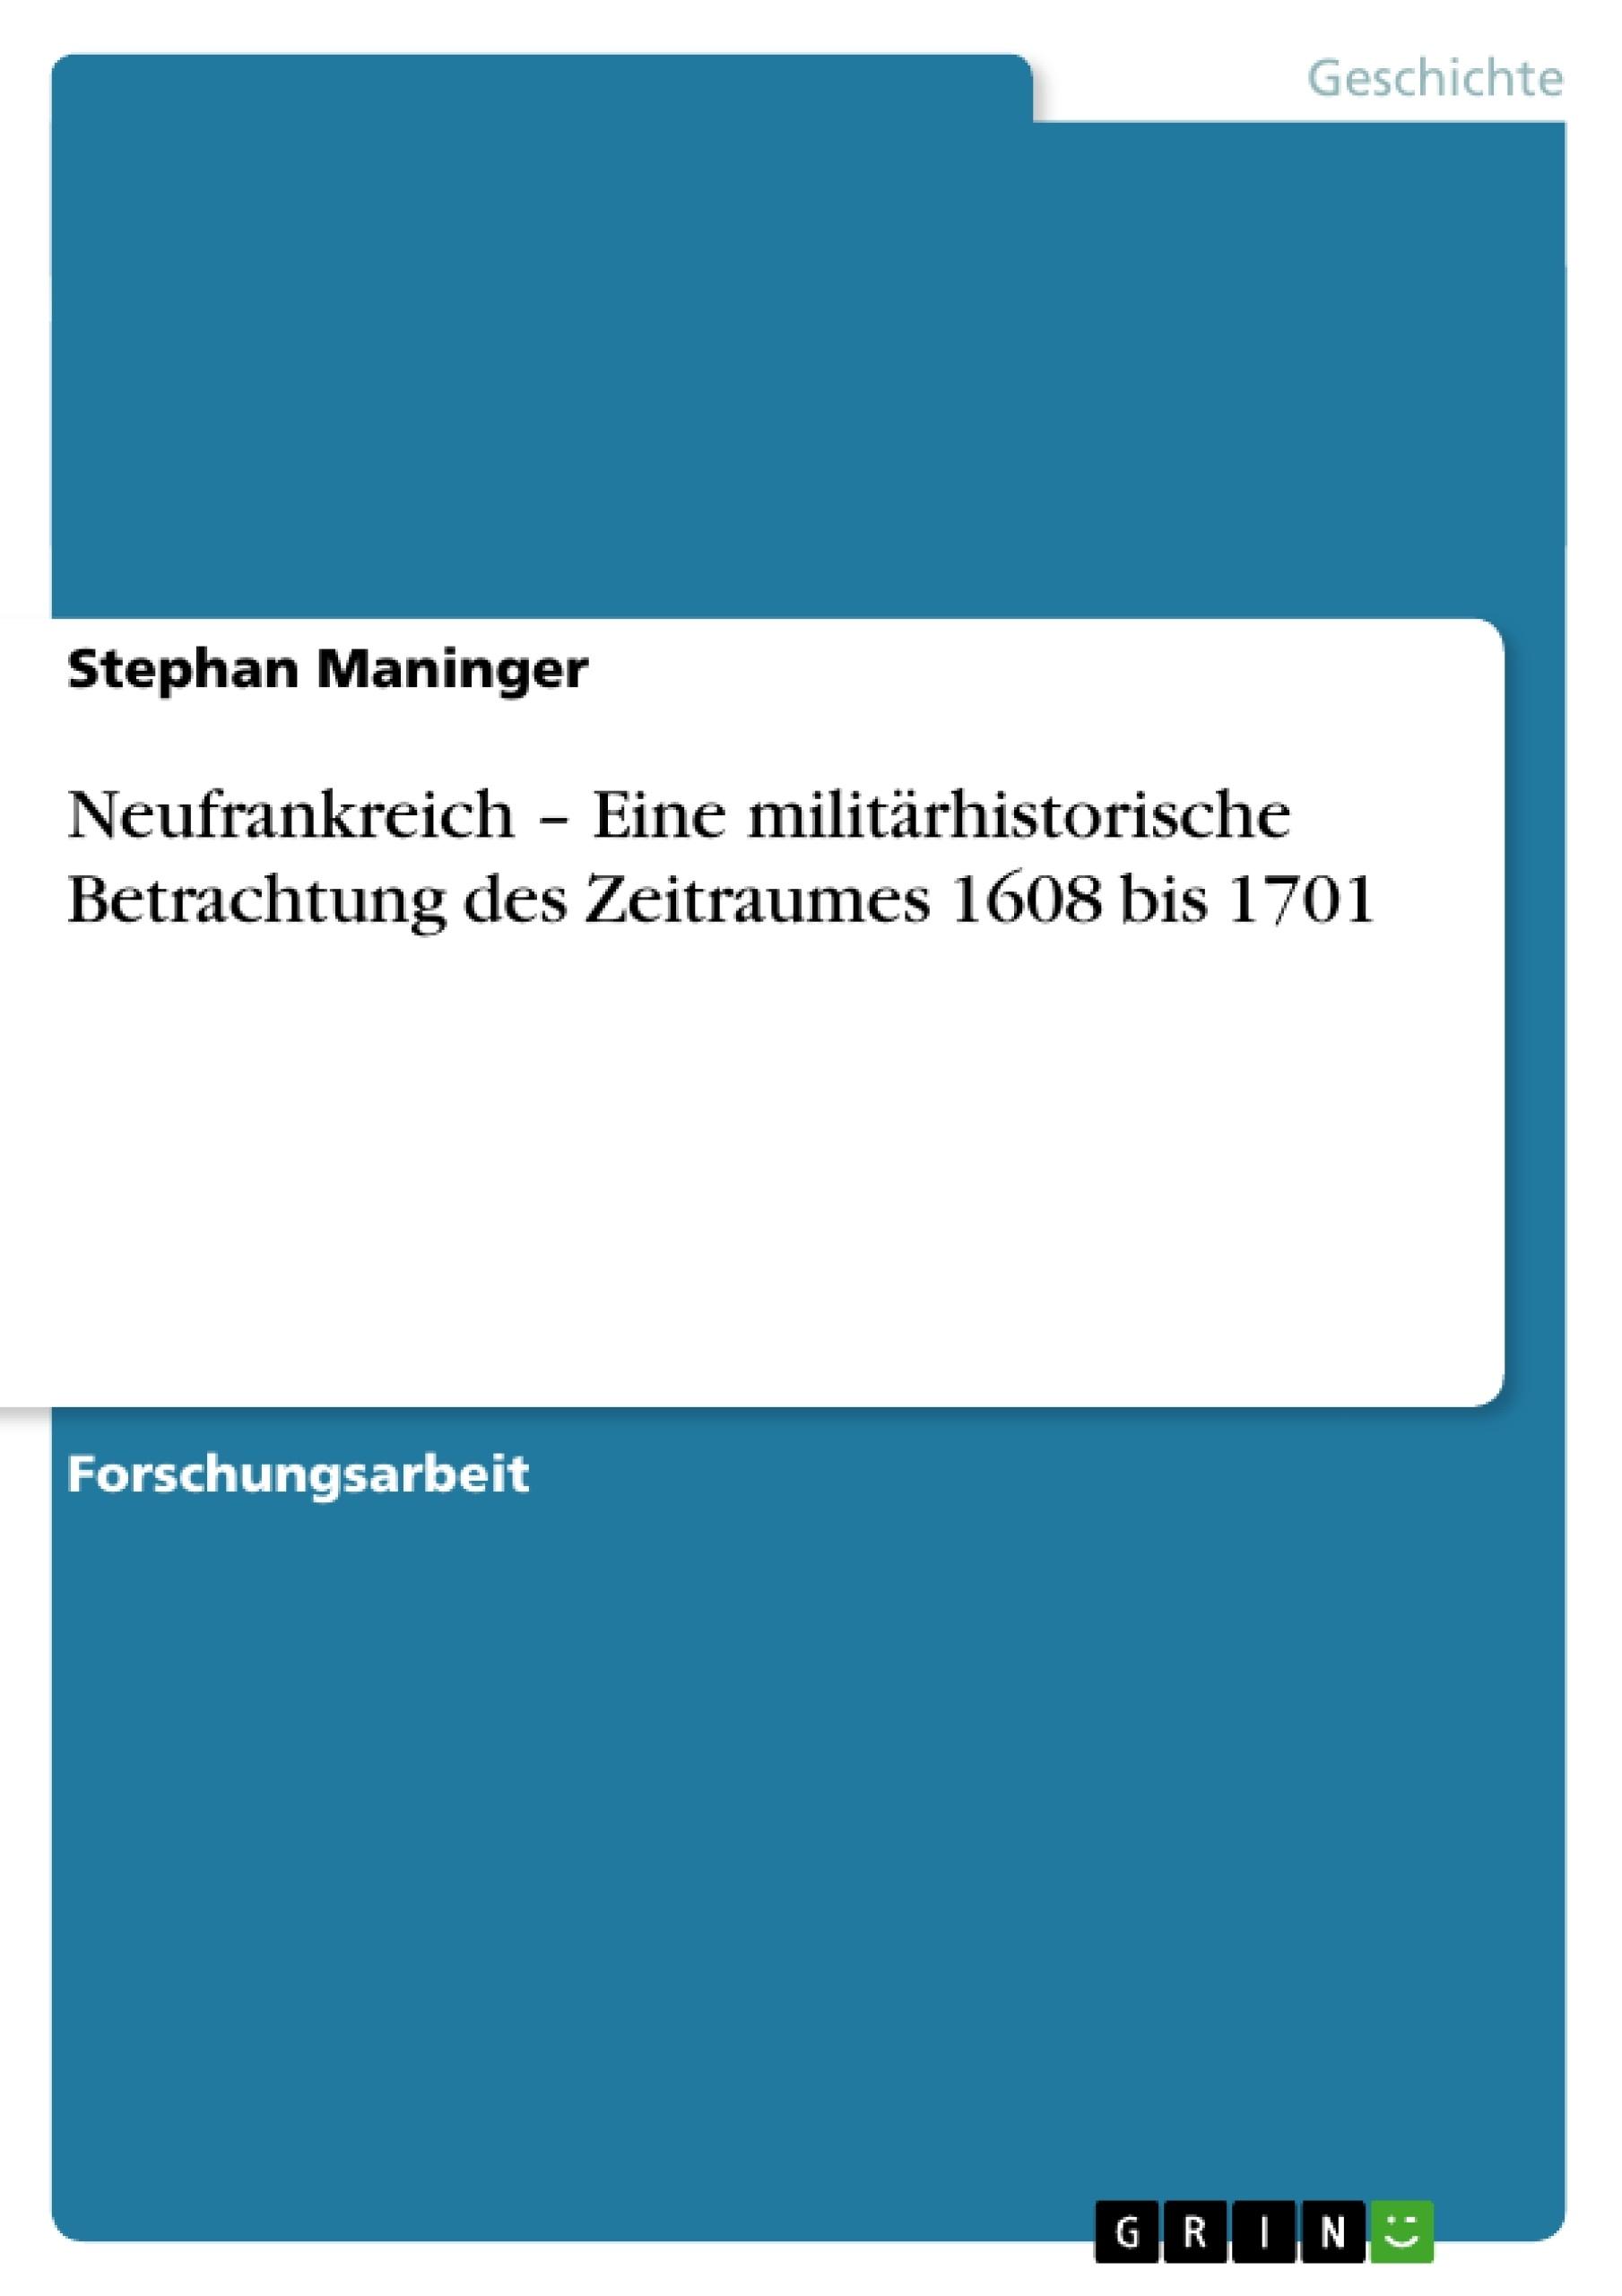 Titel: Neufrankreich – Eine militärhistorische Betrachtung des Zeitraumes 1608 bis 1701